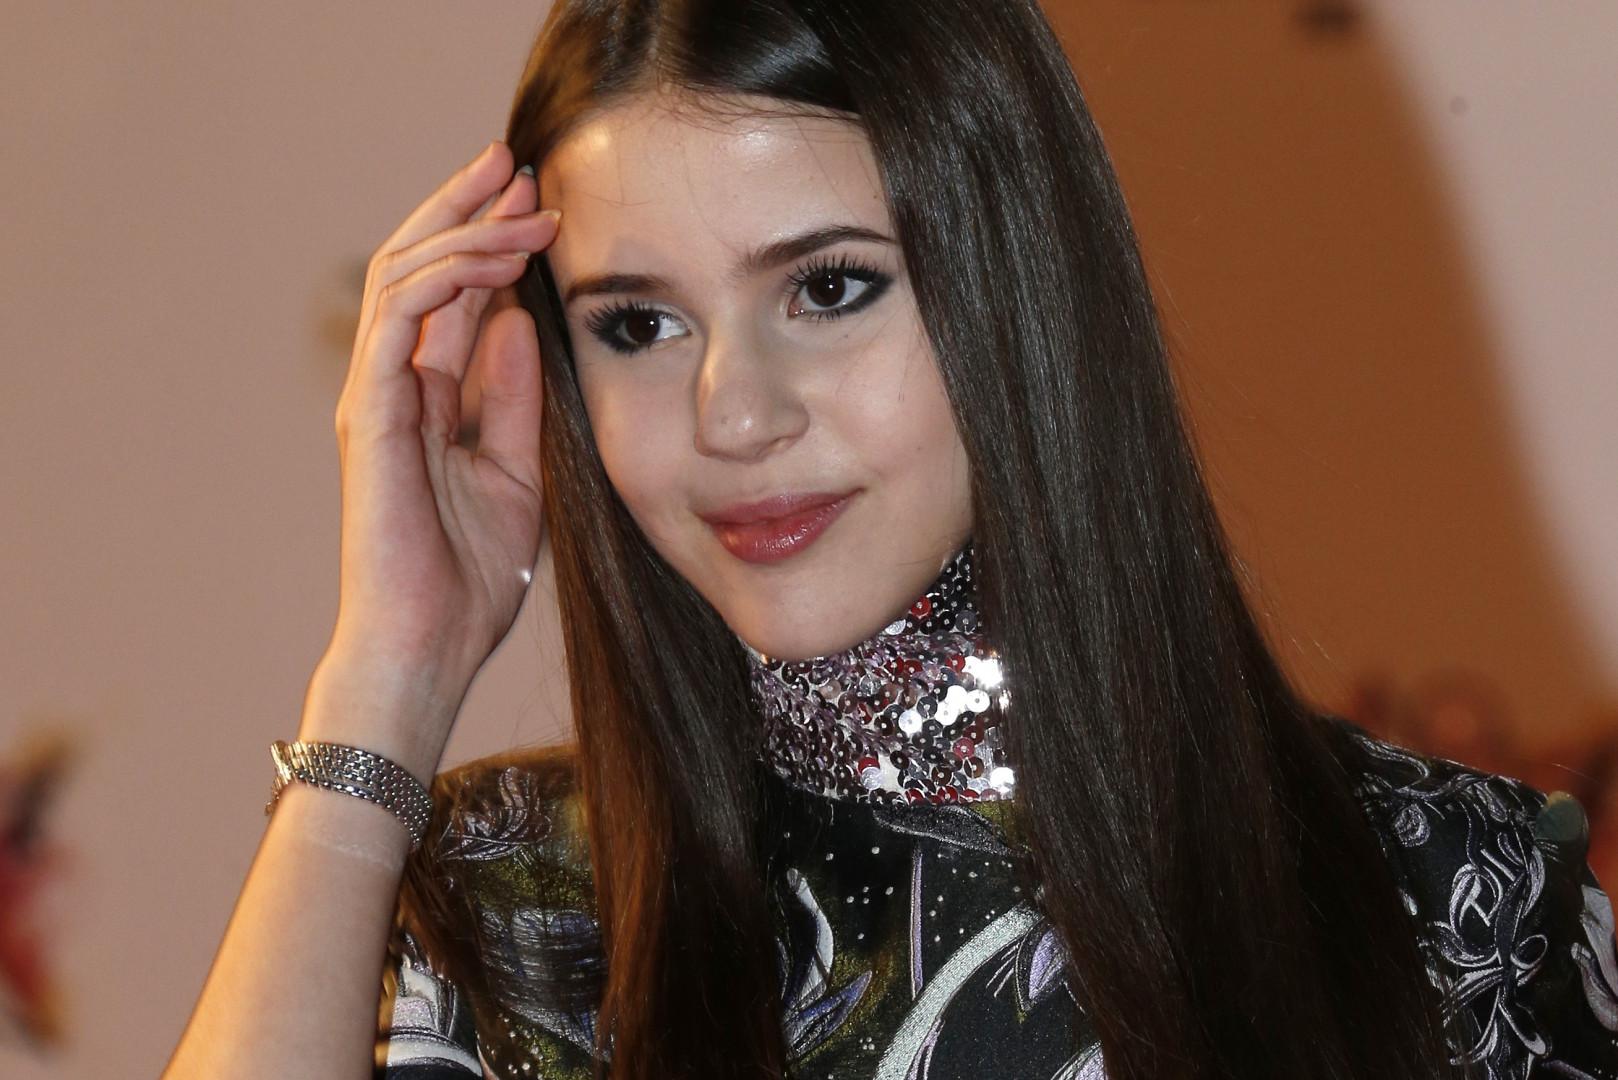 """Grâce à son disque """"Fearless"""", Marina Kaye marque 2015 en remportant l'album RTL de l'année"""